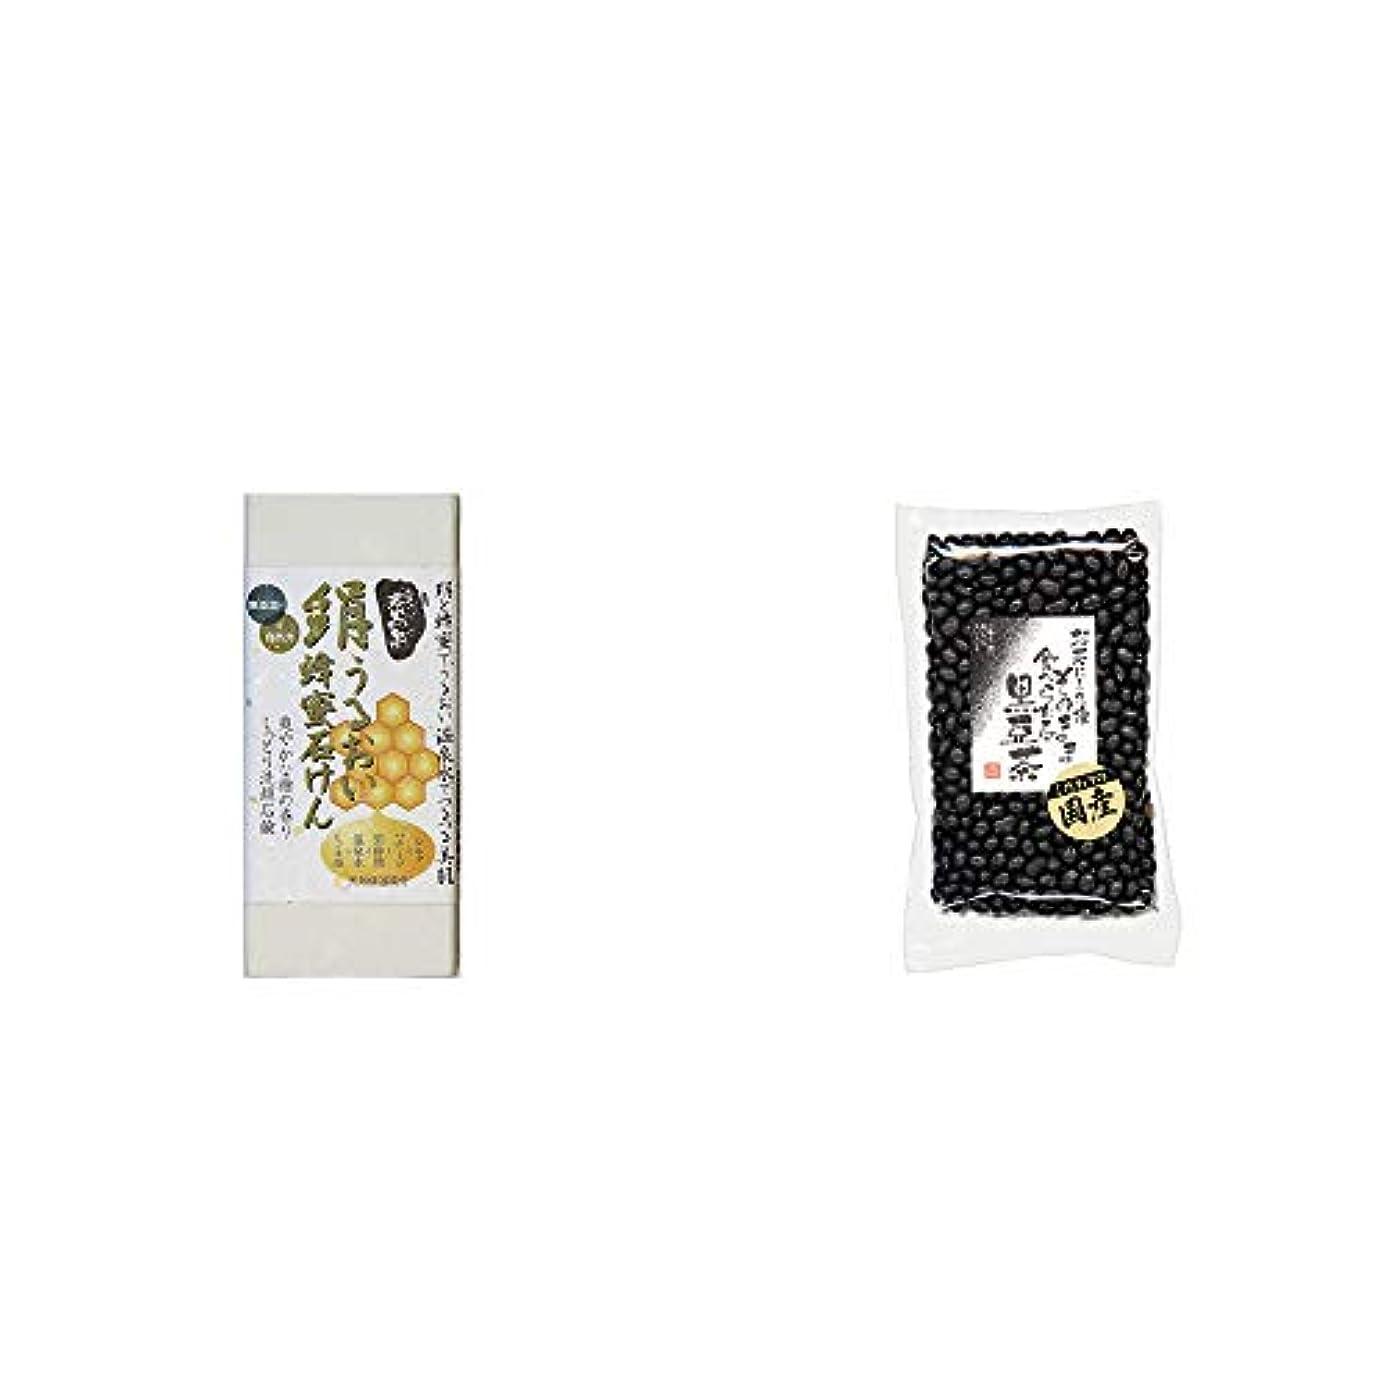 等鎮静剤すべき[2点セット] ひのき炭黒泉 絹うるおい蜂蜜石けん(75g×2)?国産 黒豆茶(200g)